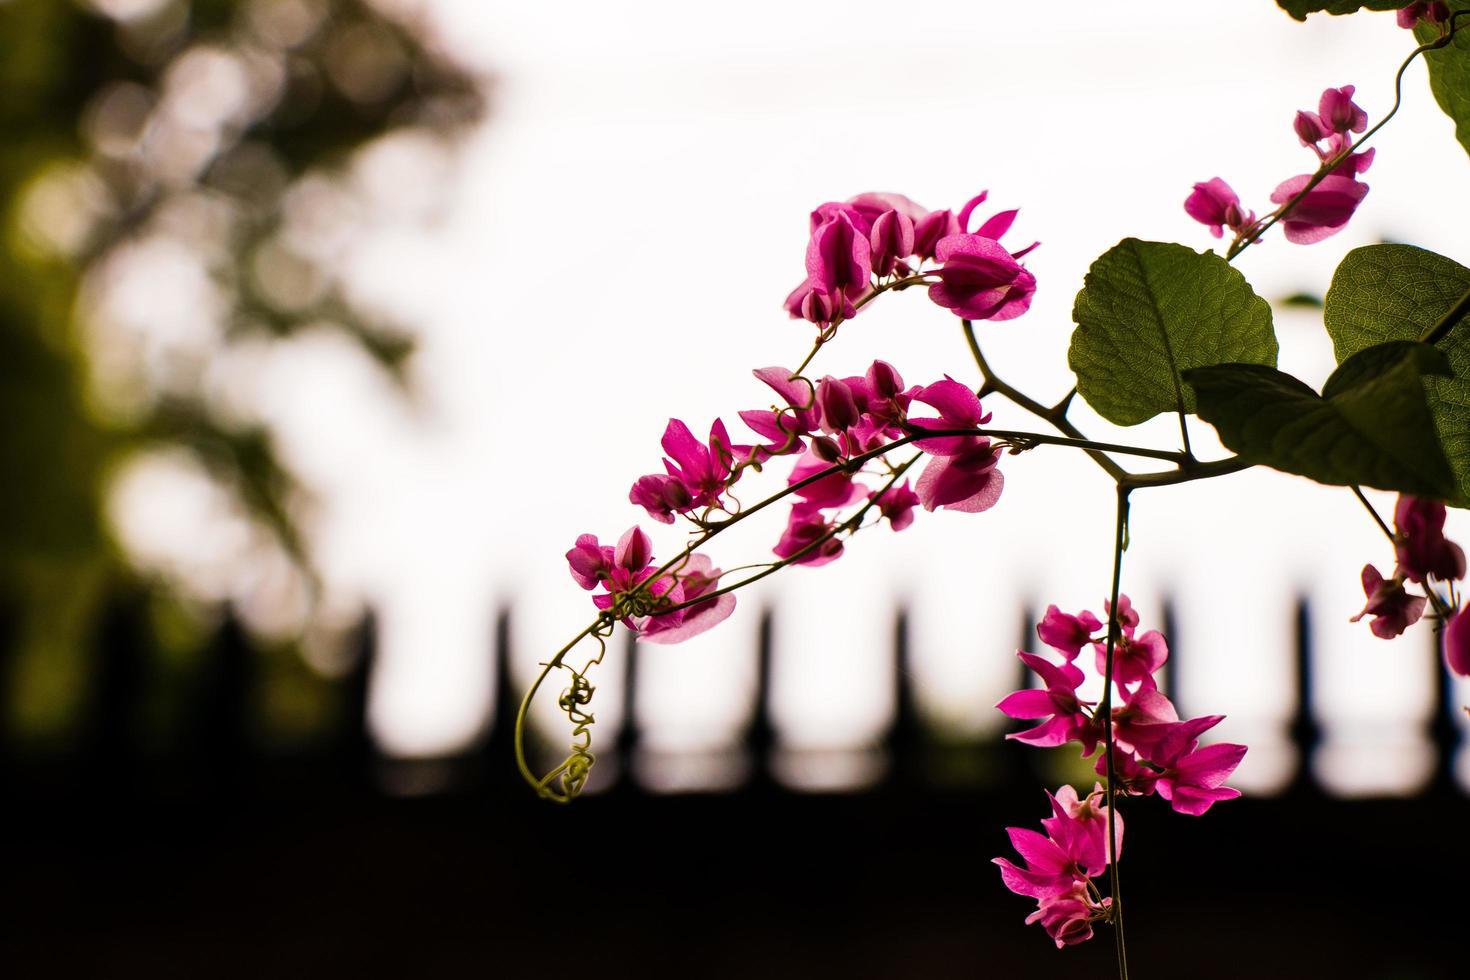 tak van roze bloemen foto